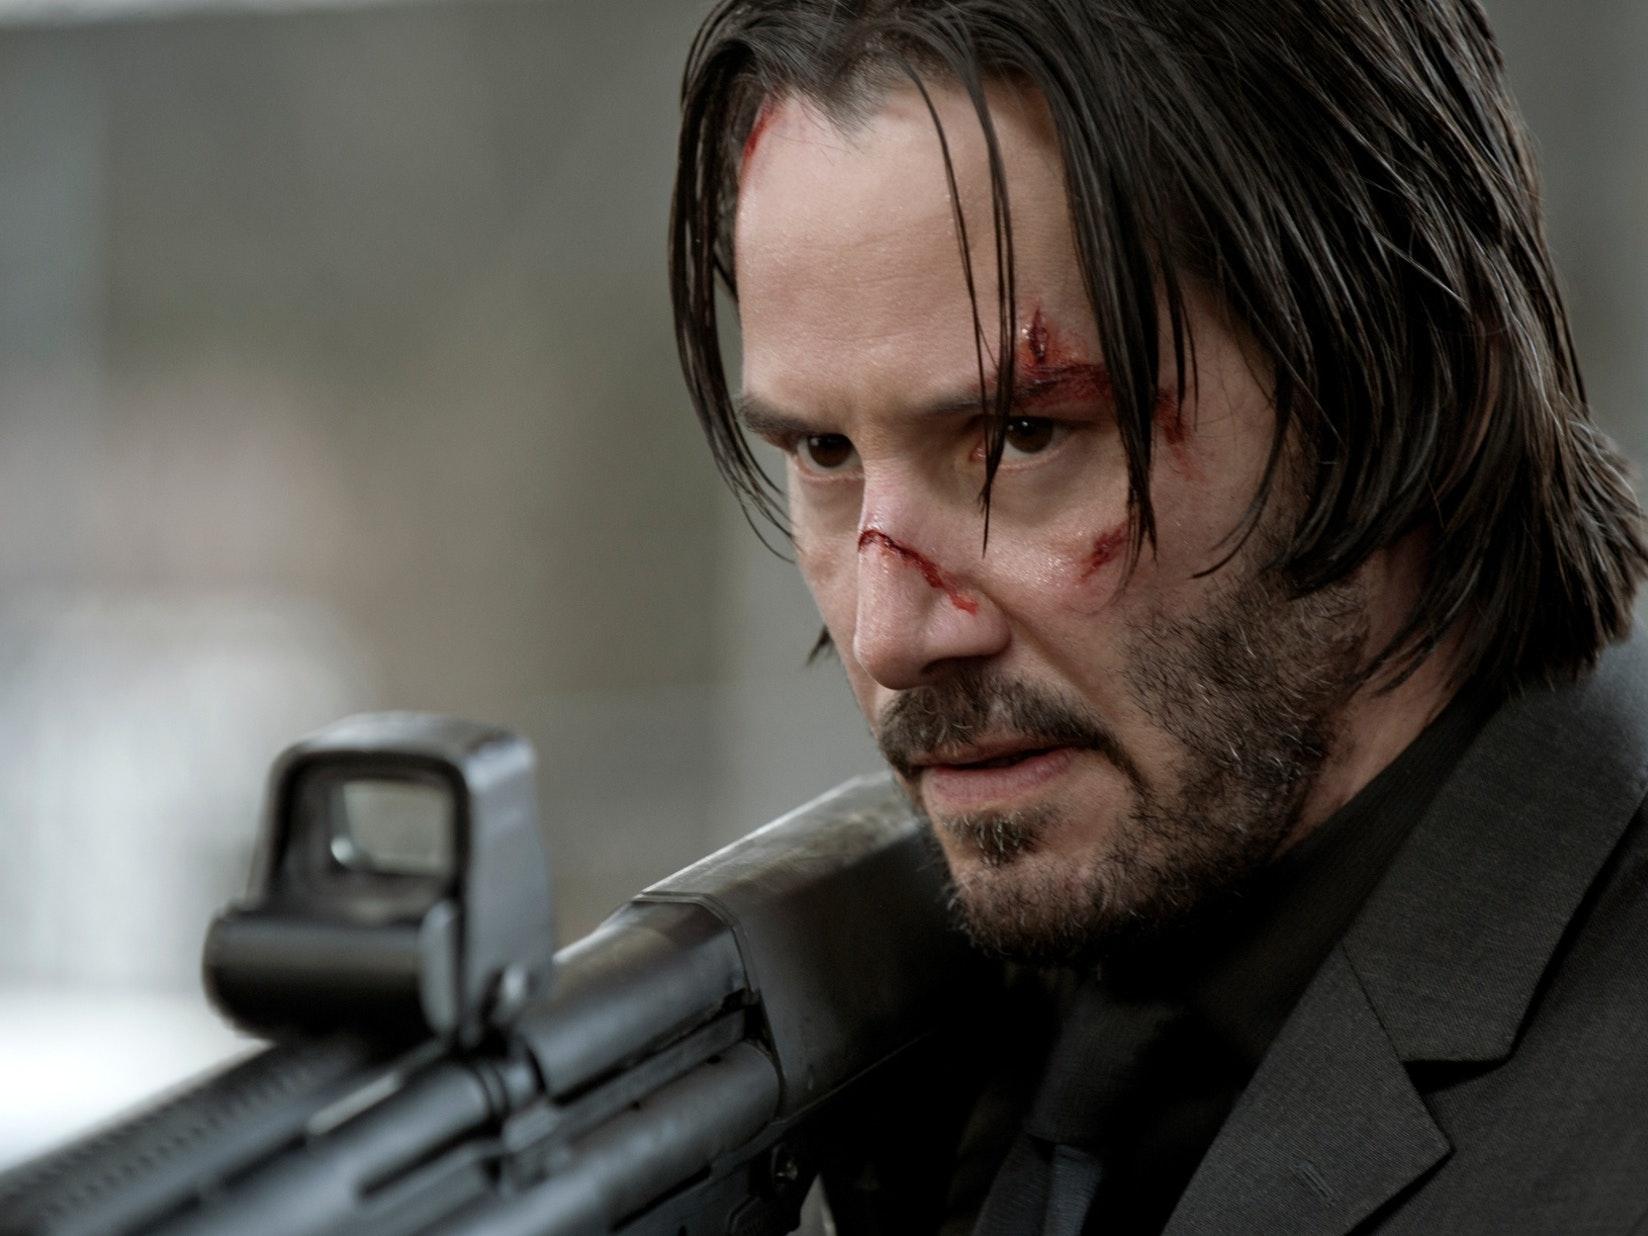 Keanu Reeves Is Back in 'John Wick 2' Set Photos